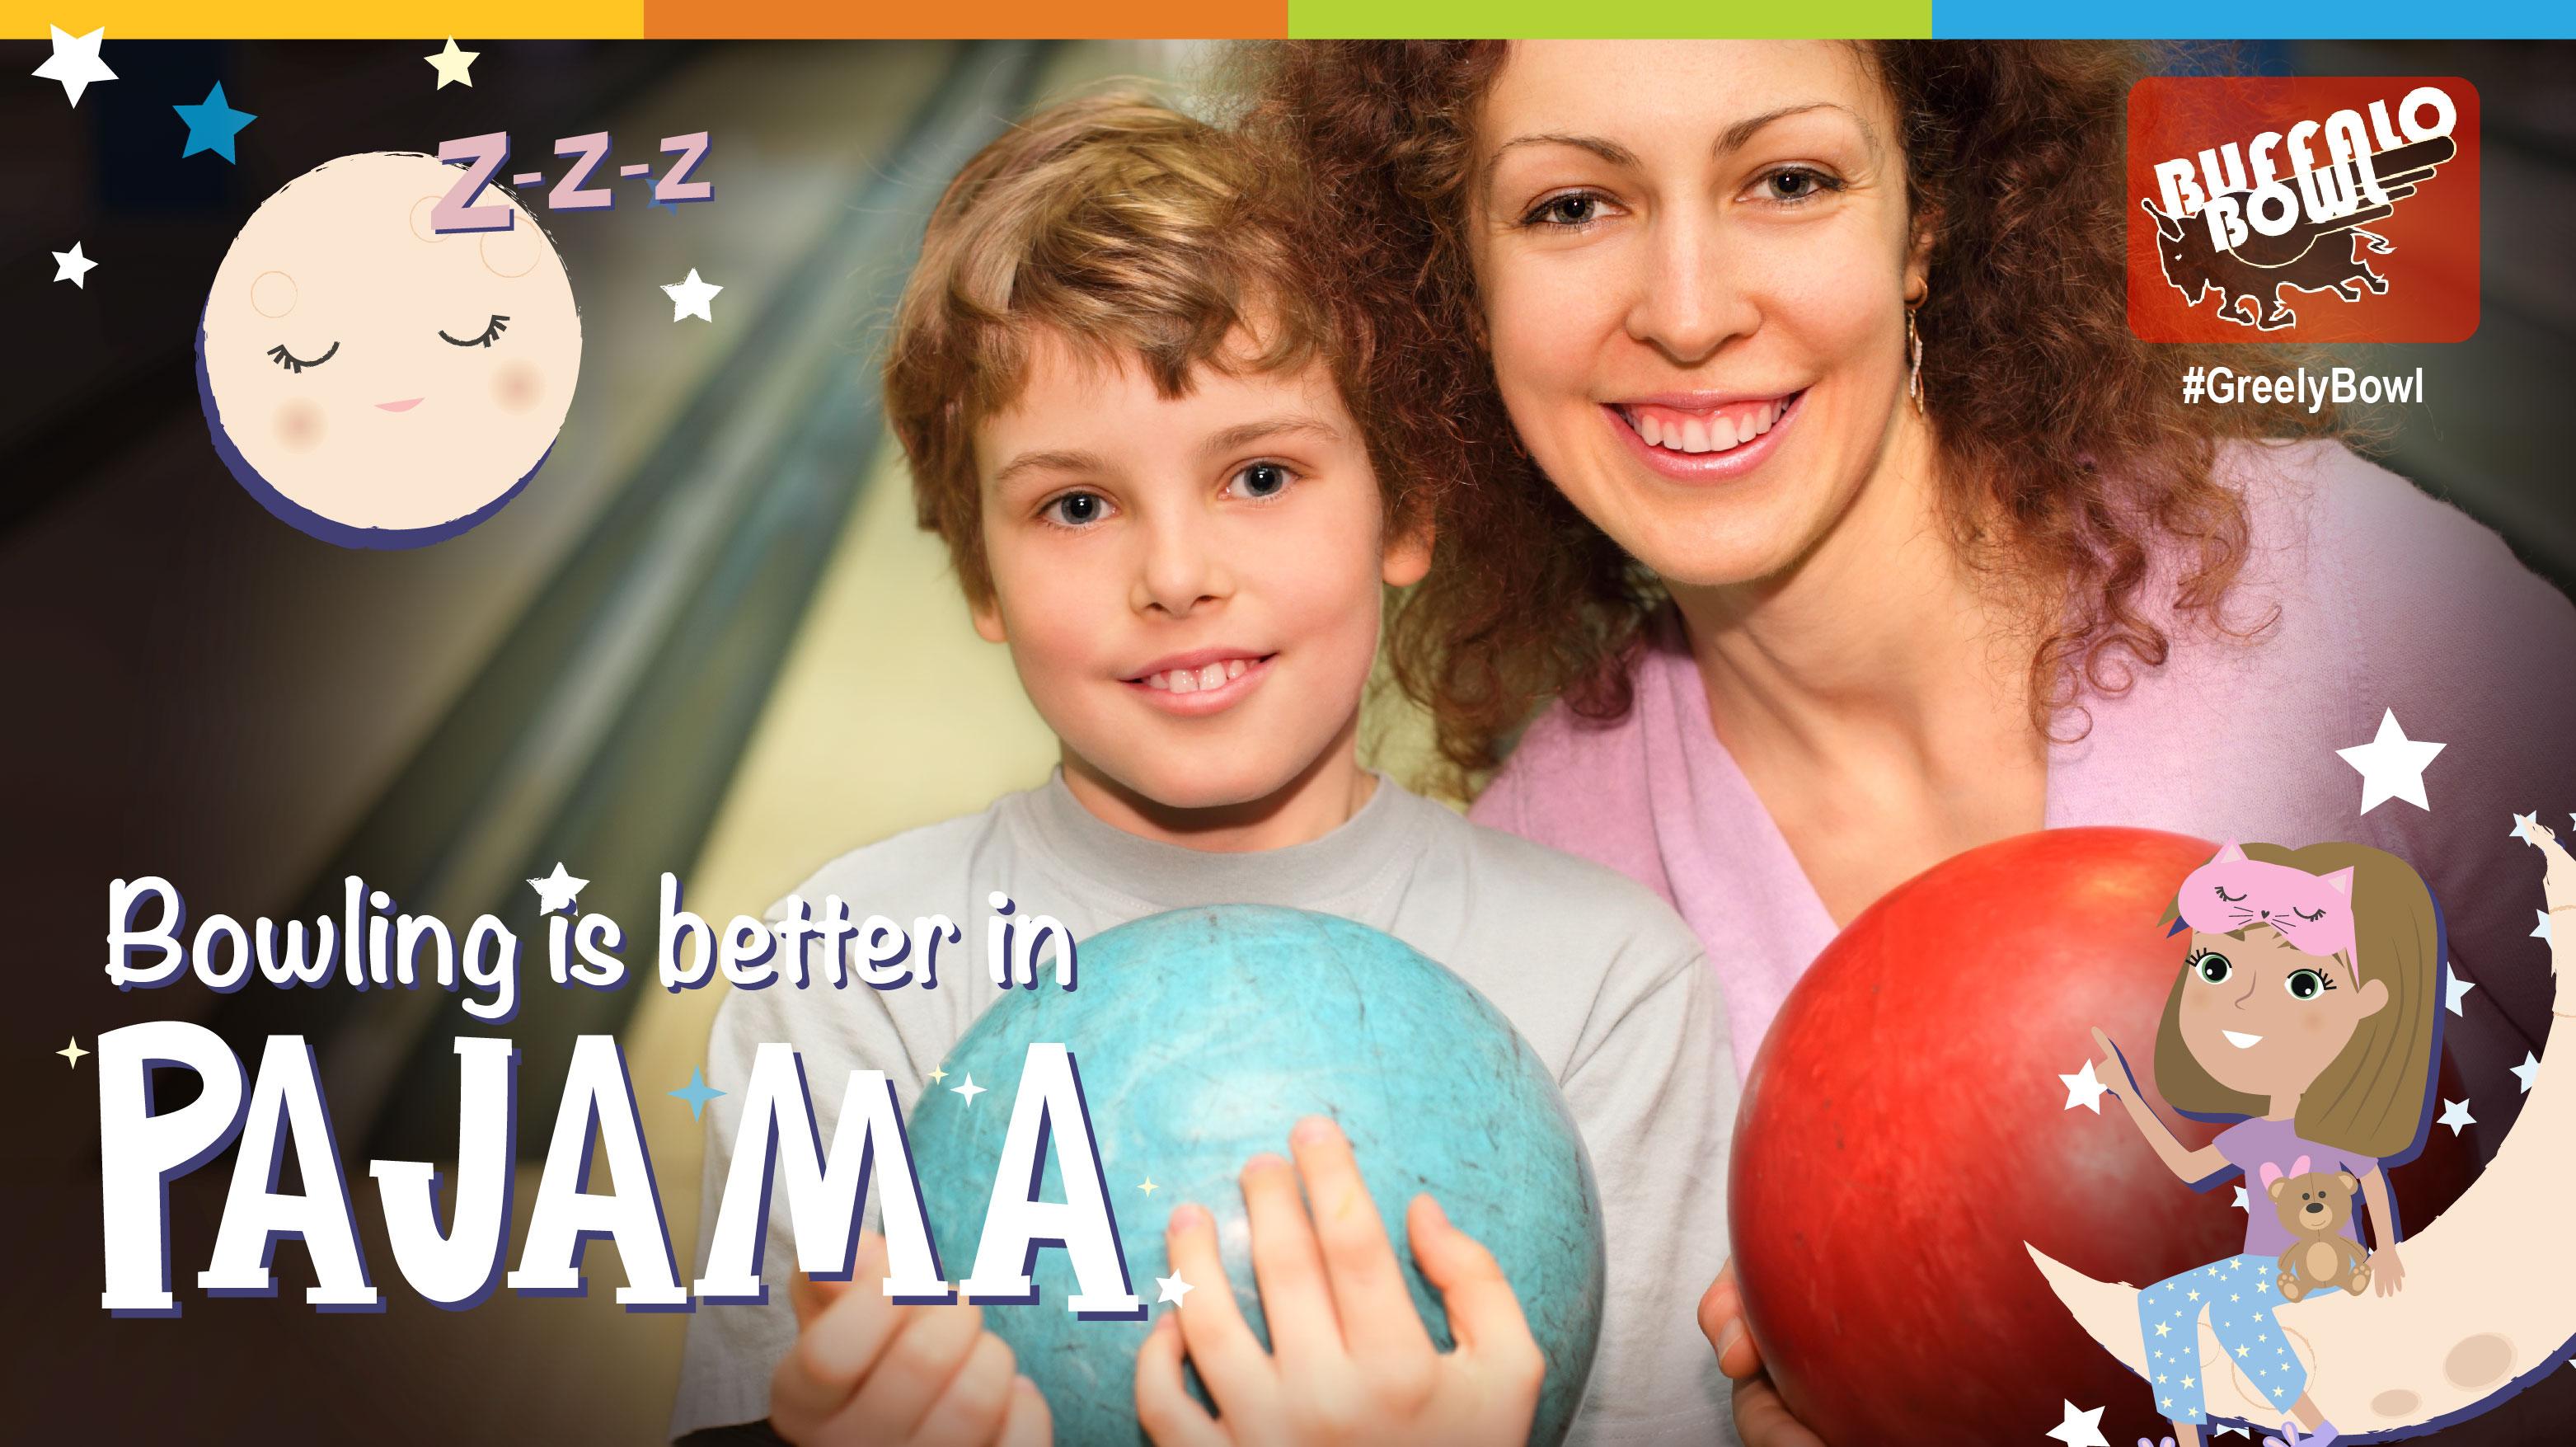 Pajama Bowl